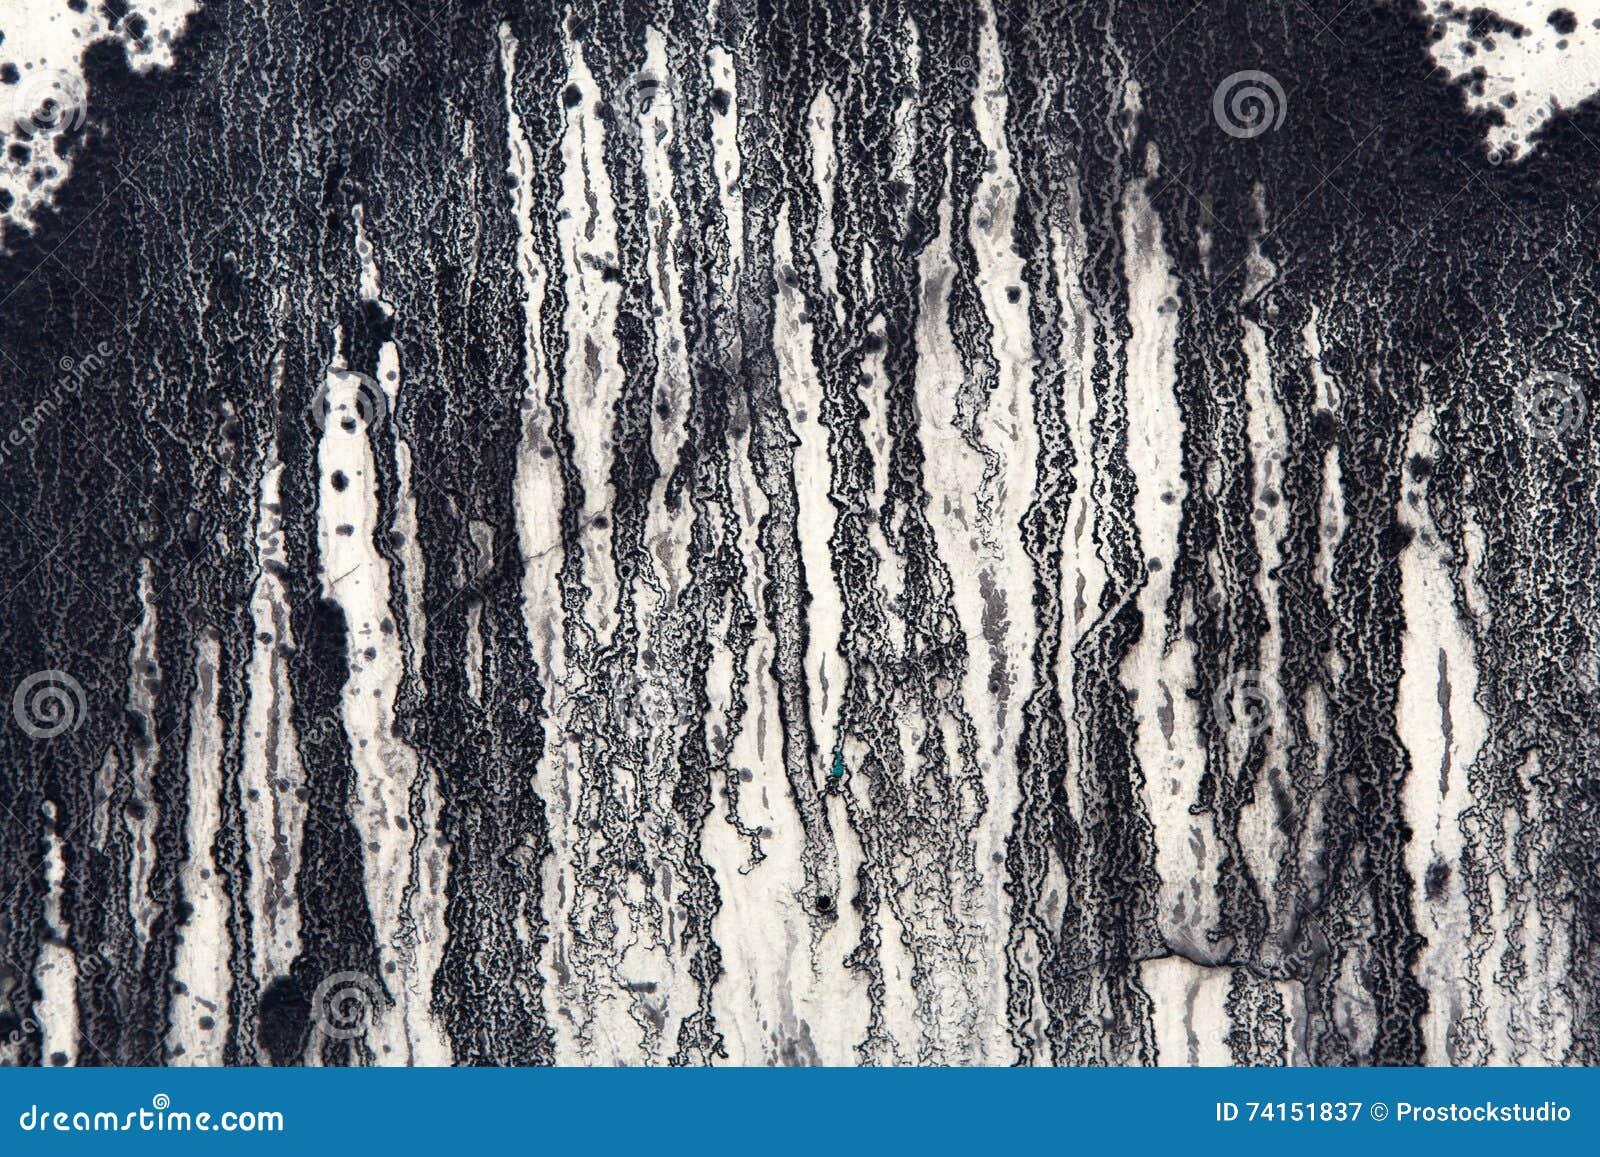 Pittura Cemento Design : Il muro di cemento bianco con pittura nera gocciola fondo astratto